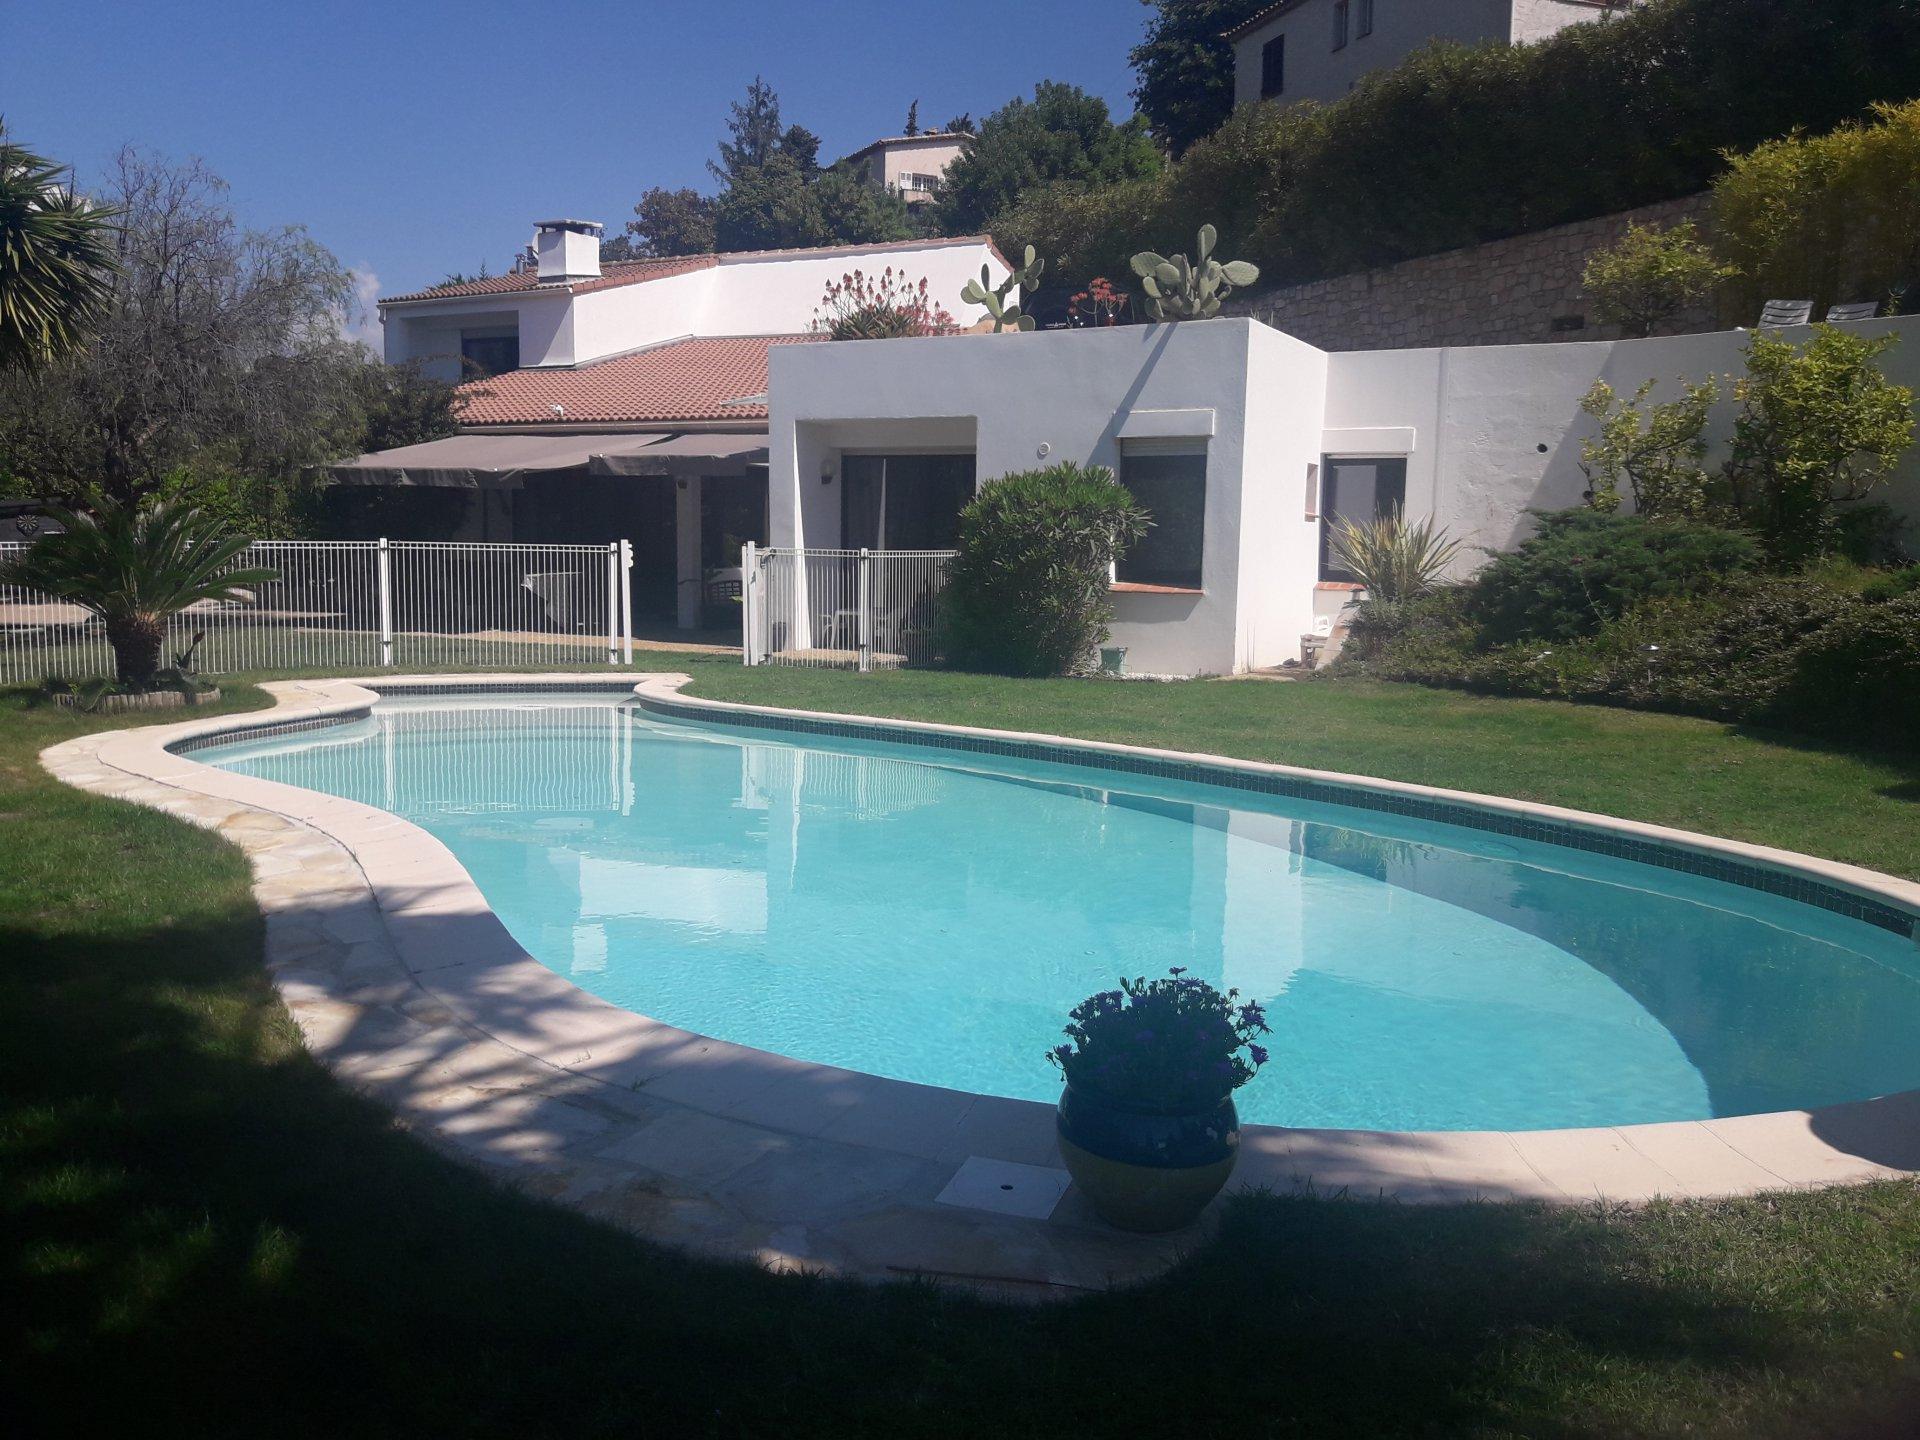 Saint Laurent Du Var (06700) - Hauteurs - Villa Avec Piscine destiné Piscine Saint Laurent Du Var